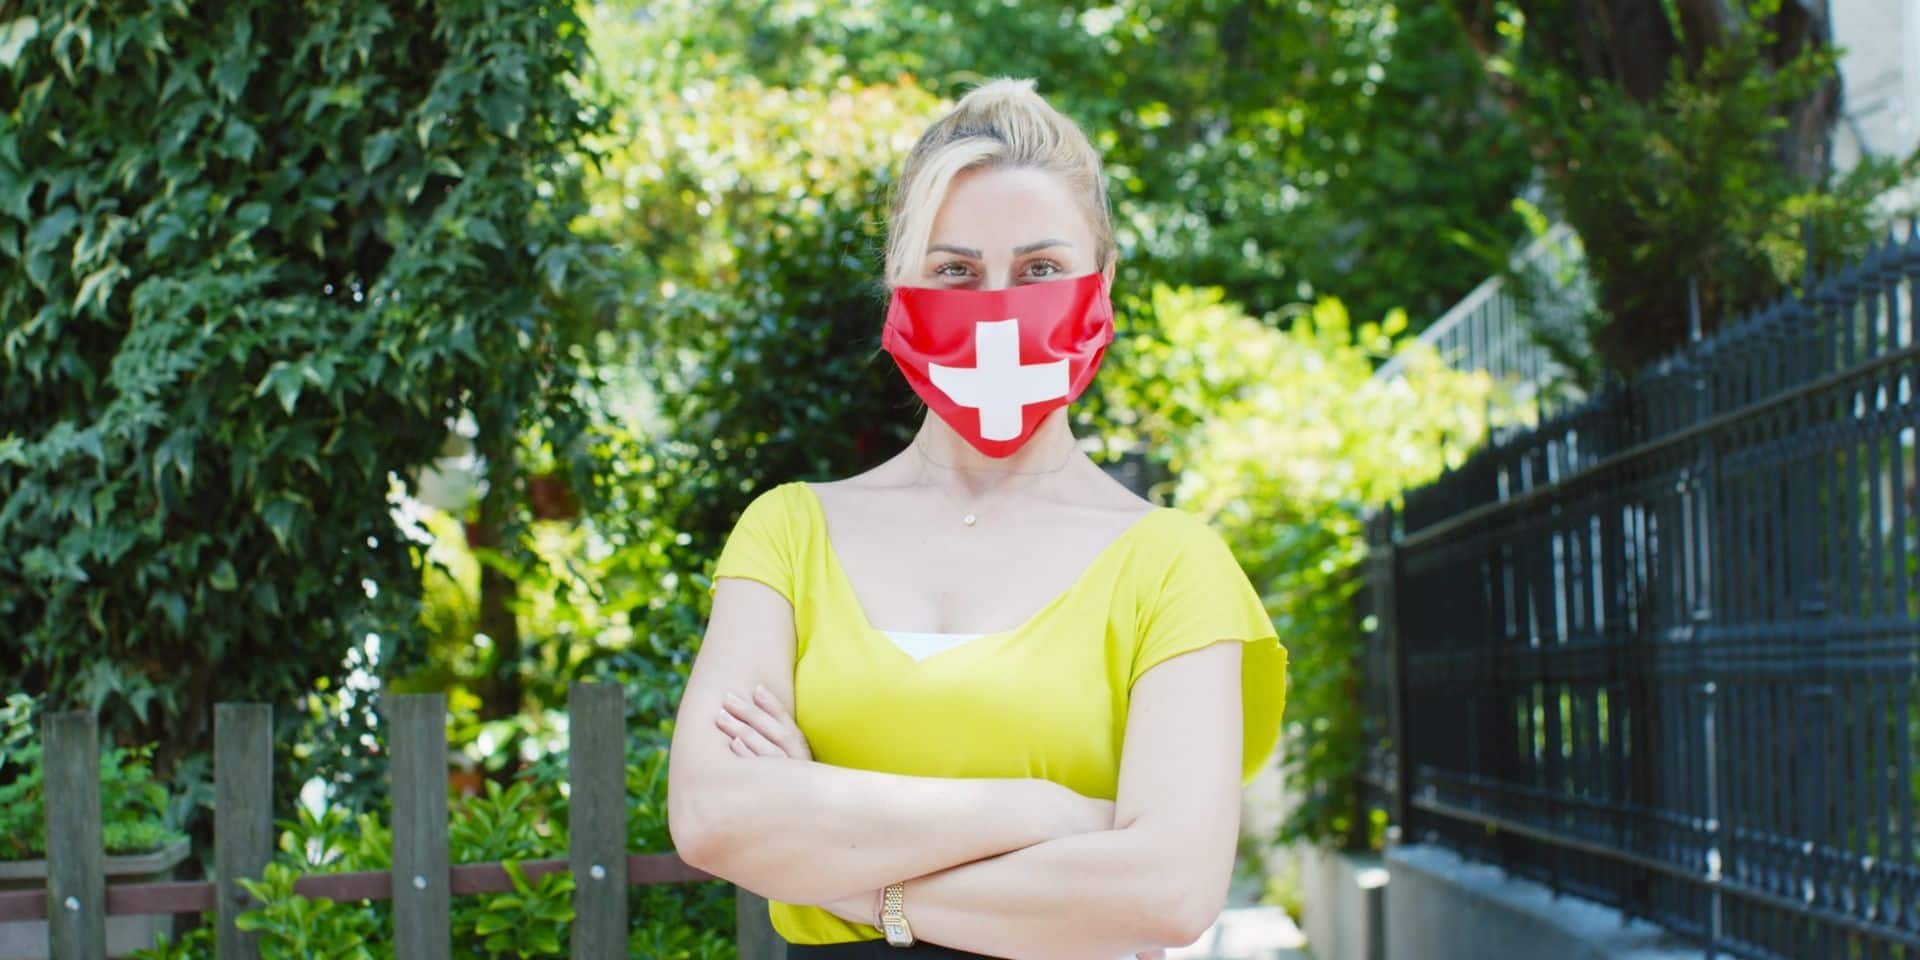 La Suisse jugé pays le plus sûr au monde face au Covid-19